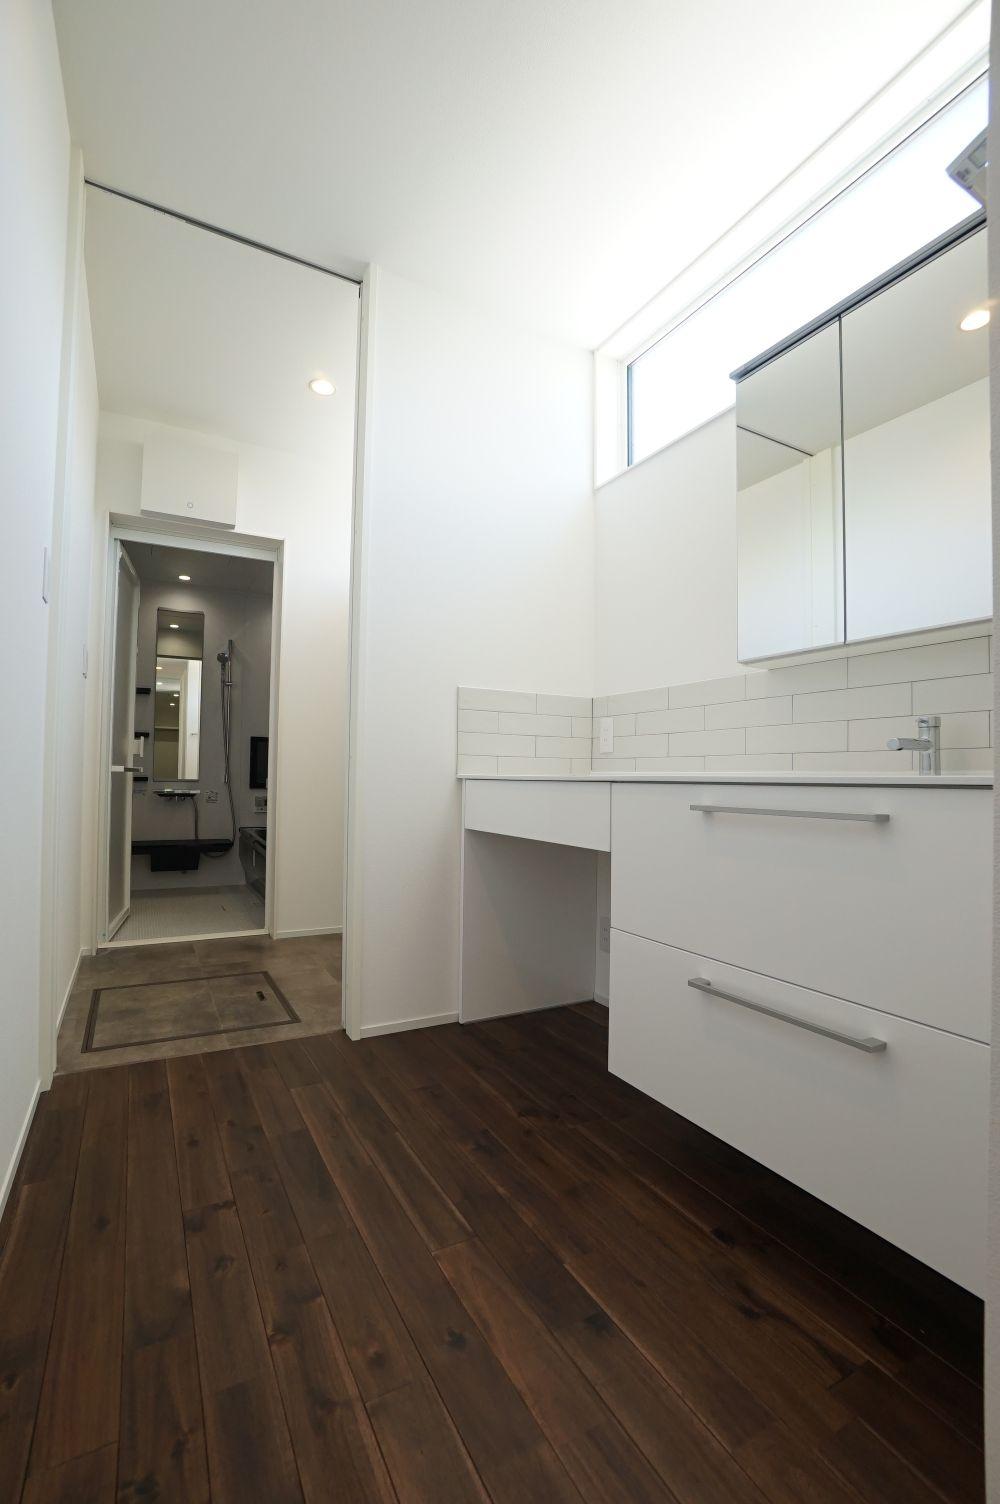 RIKYU (リキュー)【間取り、建築家、インテリア】ハイサイドライトから光が降り注ぎ、北面でも十分な明るさを確保した洗面脱衣室。ここから部屋干し兼家事室、ウォークインクローゼットまで一直線につながることで、奥さまの家事時間を大幅に短縮できる